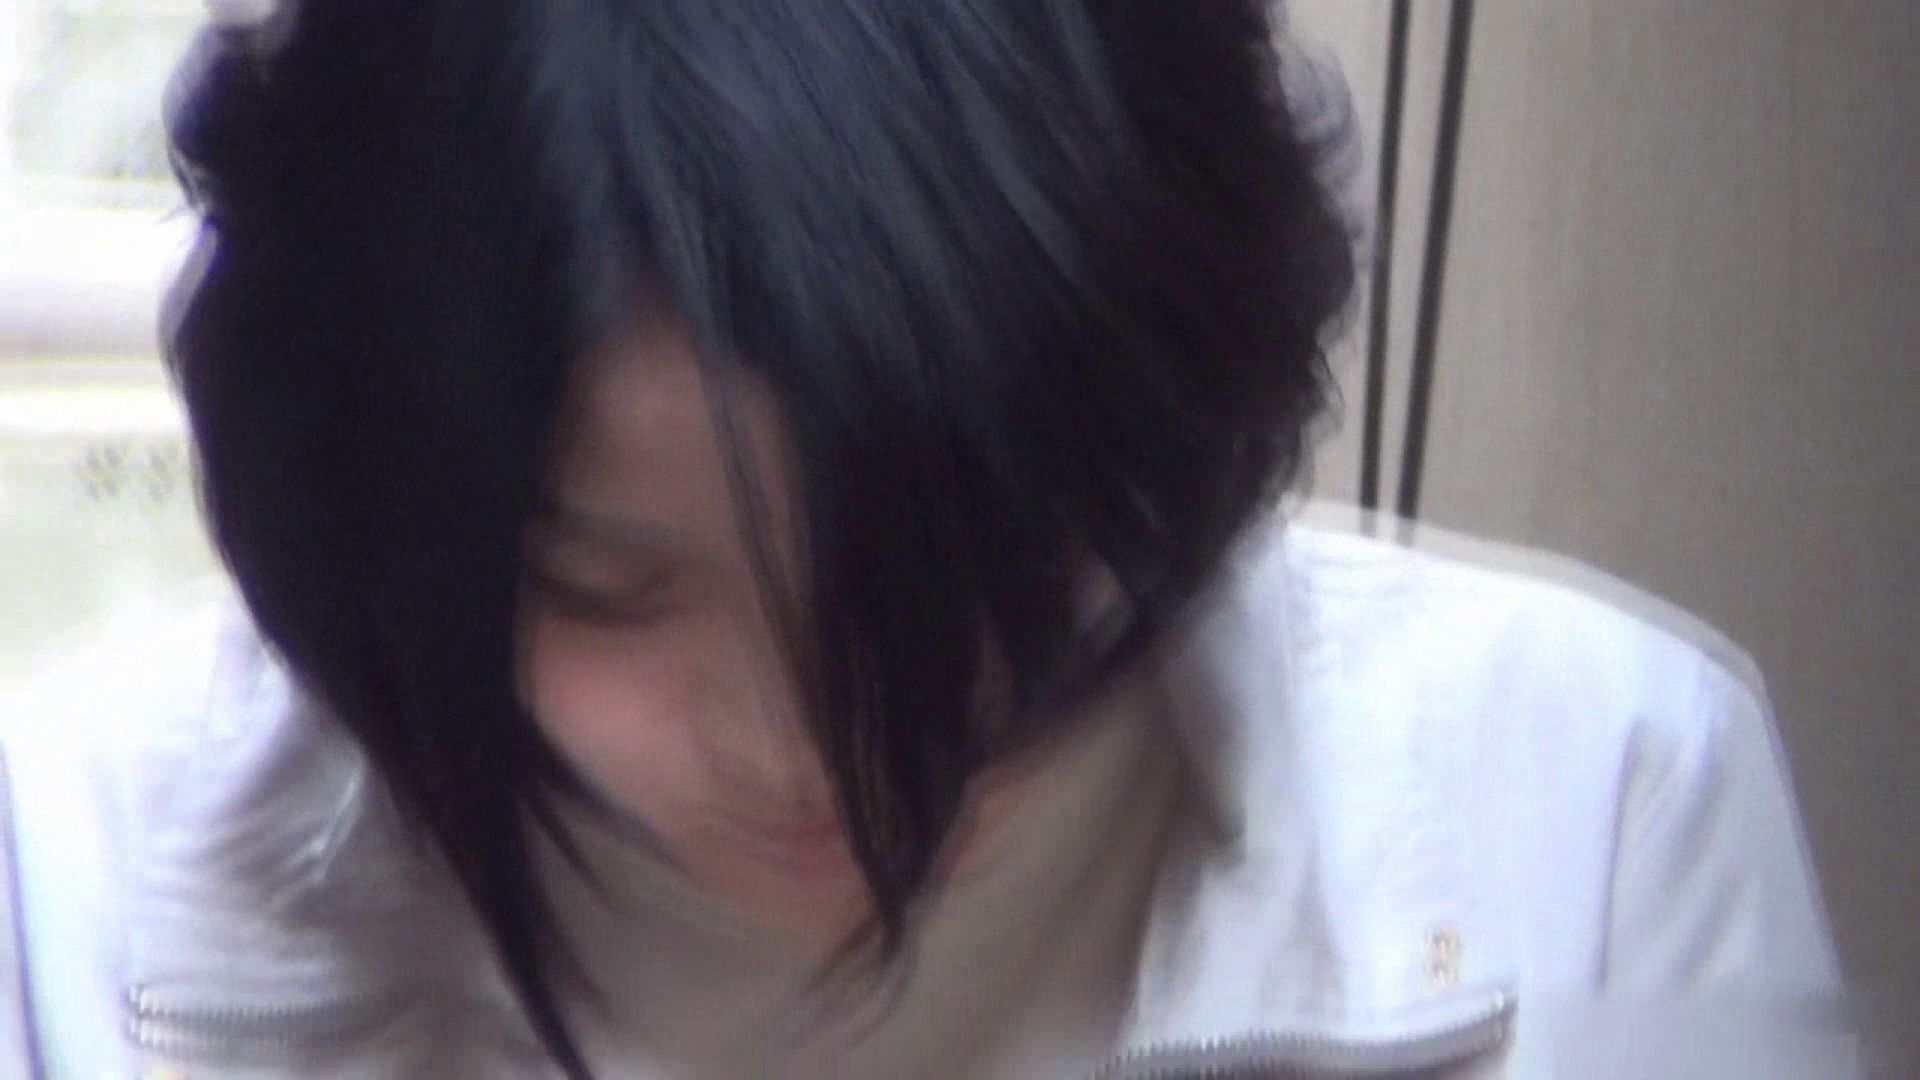 屋外トイレっと!Vol.02 お姉さんの女体   独身エッチOL  30pic 3